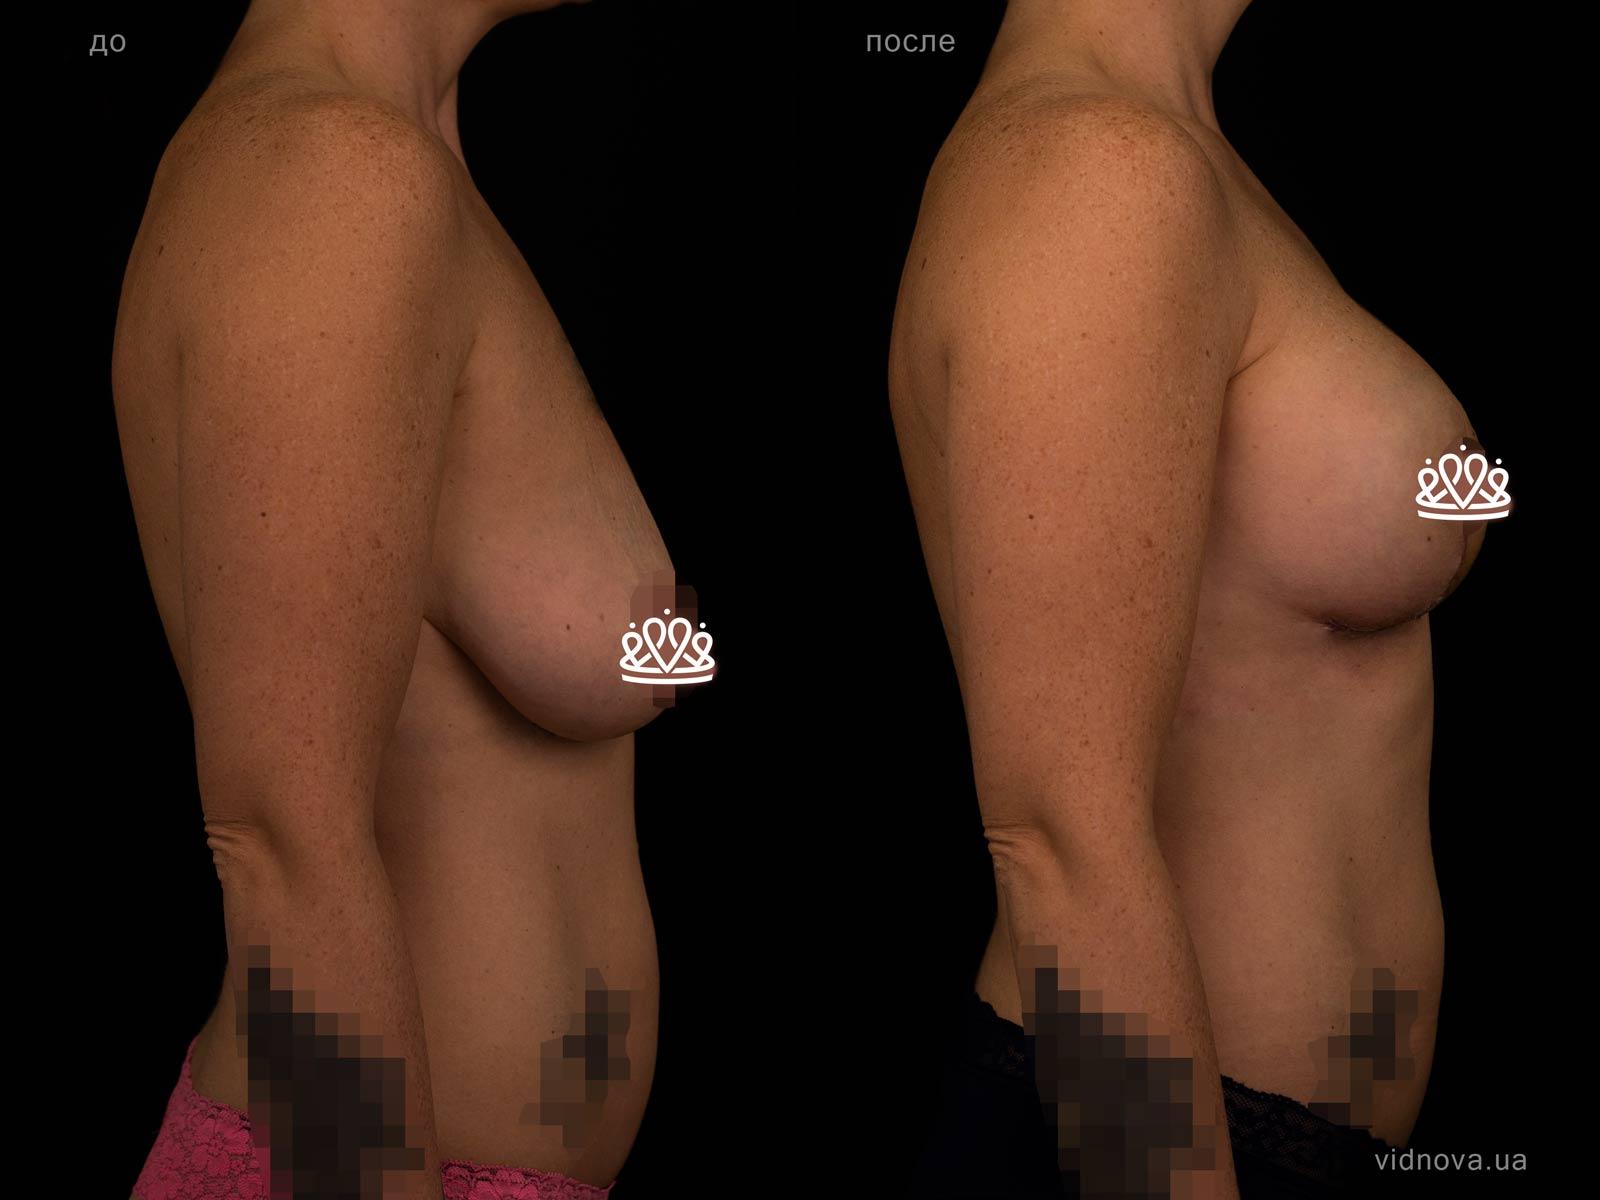 Пластика груди: результаты до и после - Пример №125-2 - Светлана Работенко